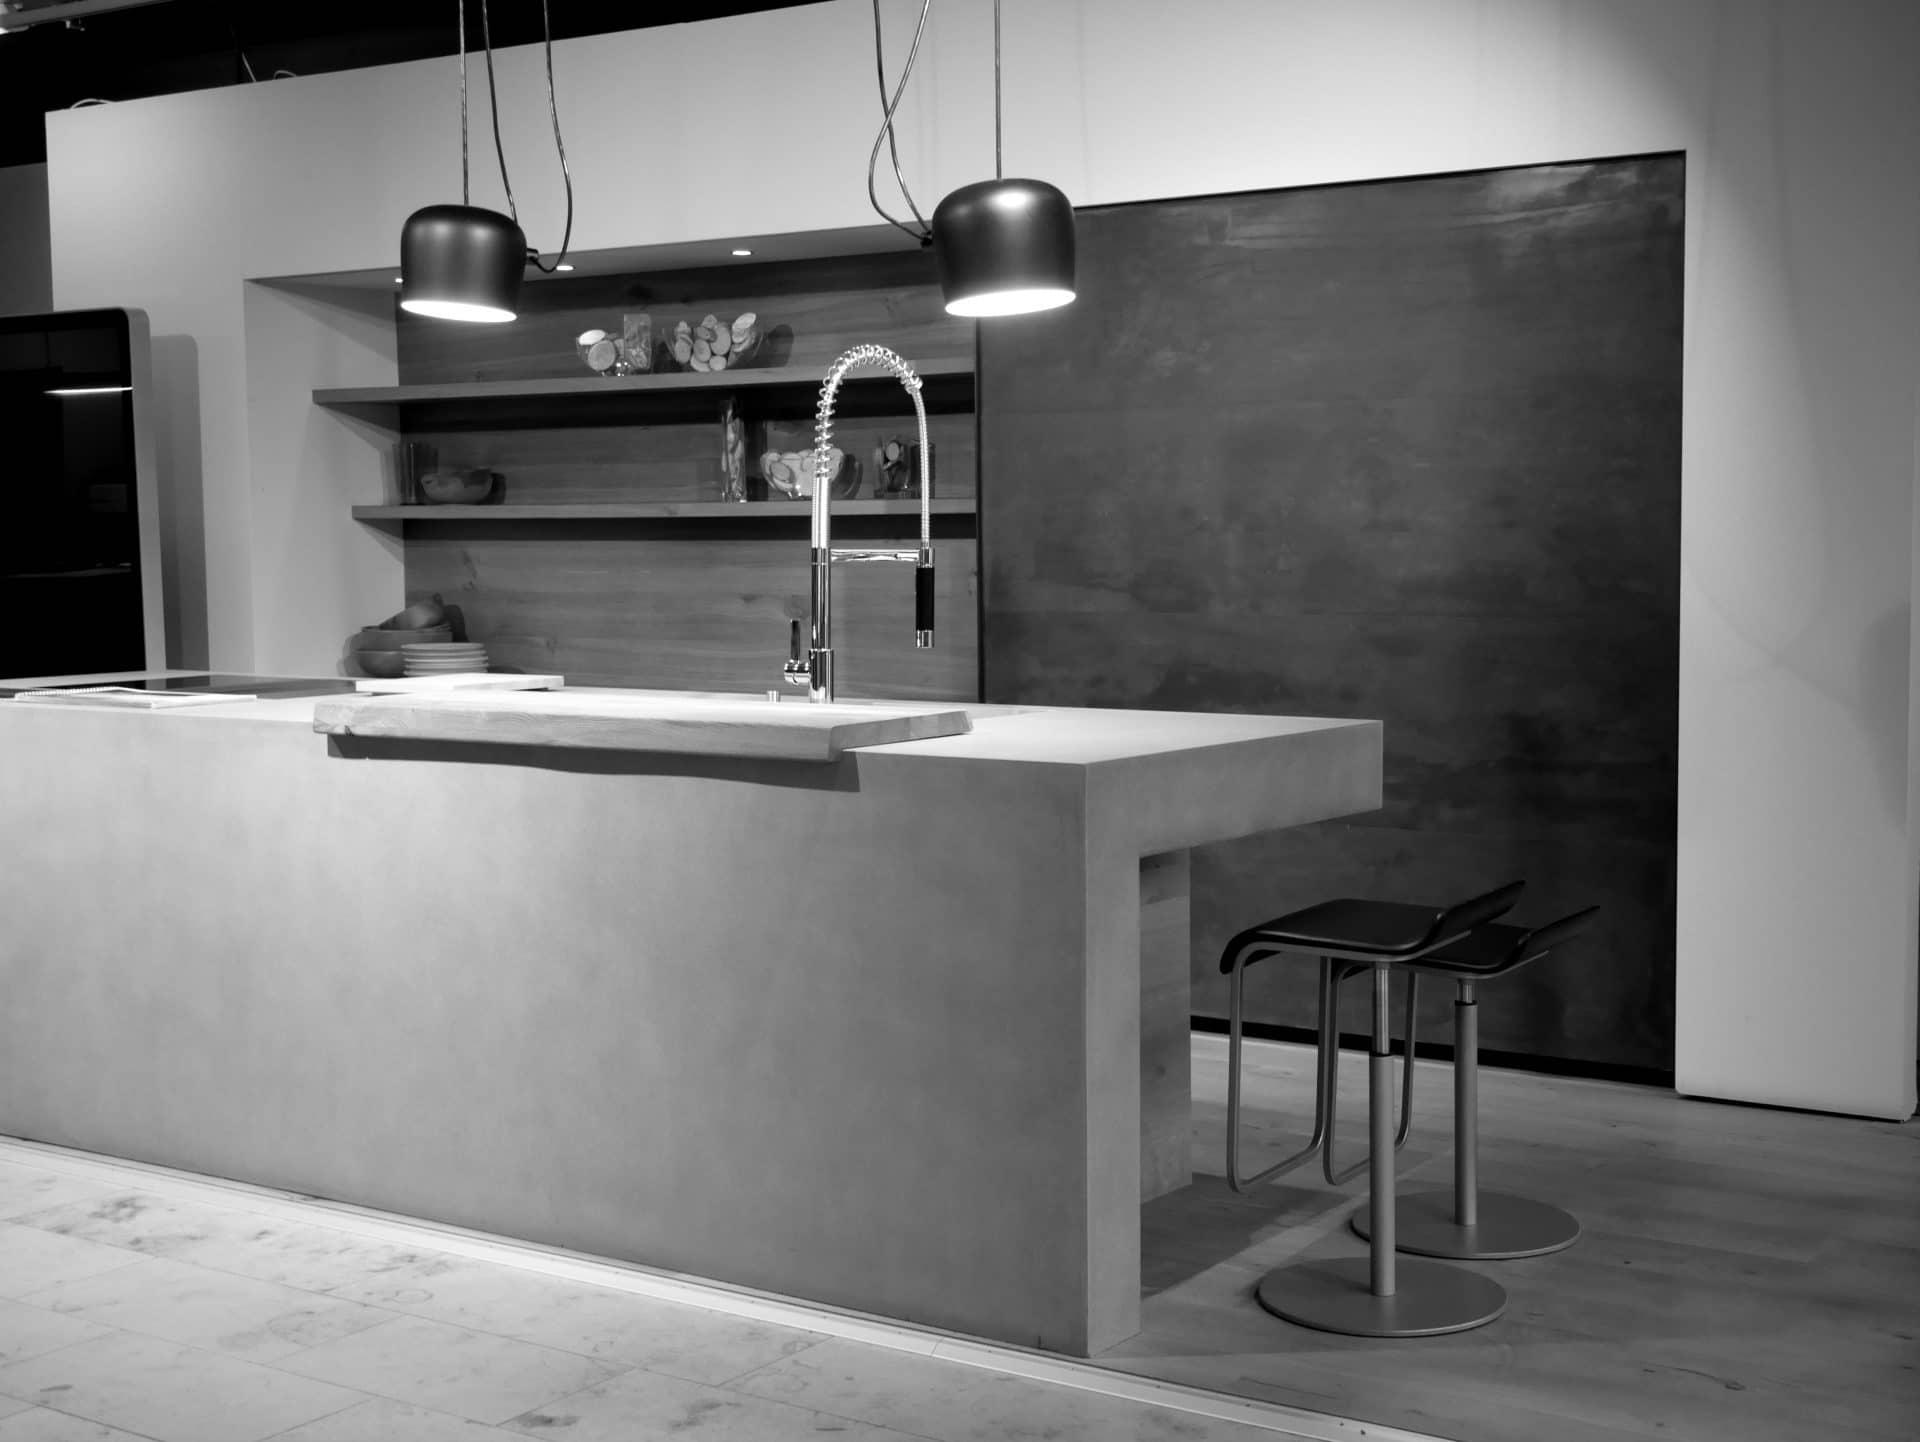 Showroom von Schreinerei und Planungsbüro VOIT in Markt Schwaben, Designerküche aus Beton mit Spühlbecken Amatur und zwei Barhockern - Bild in schwarz-weiß